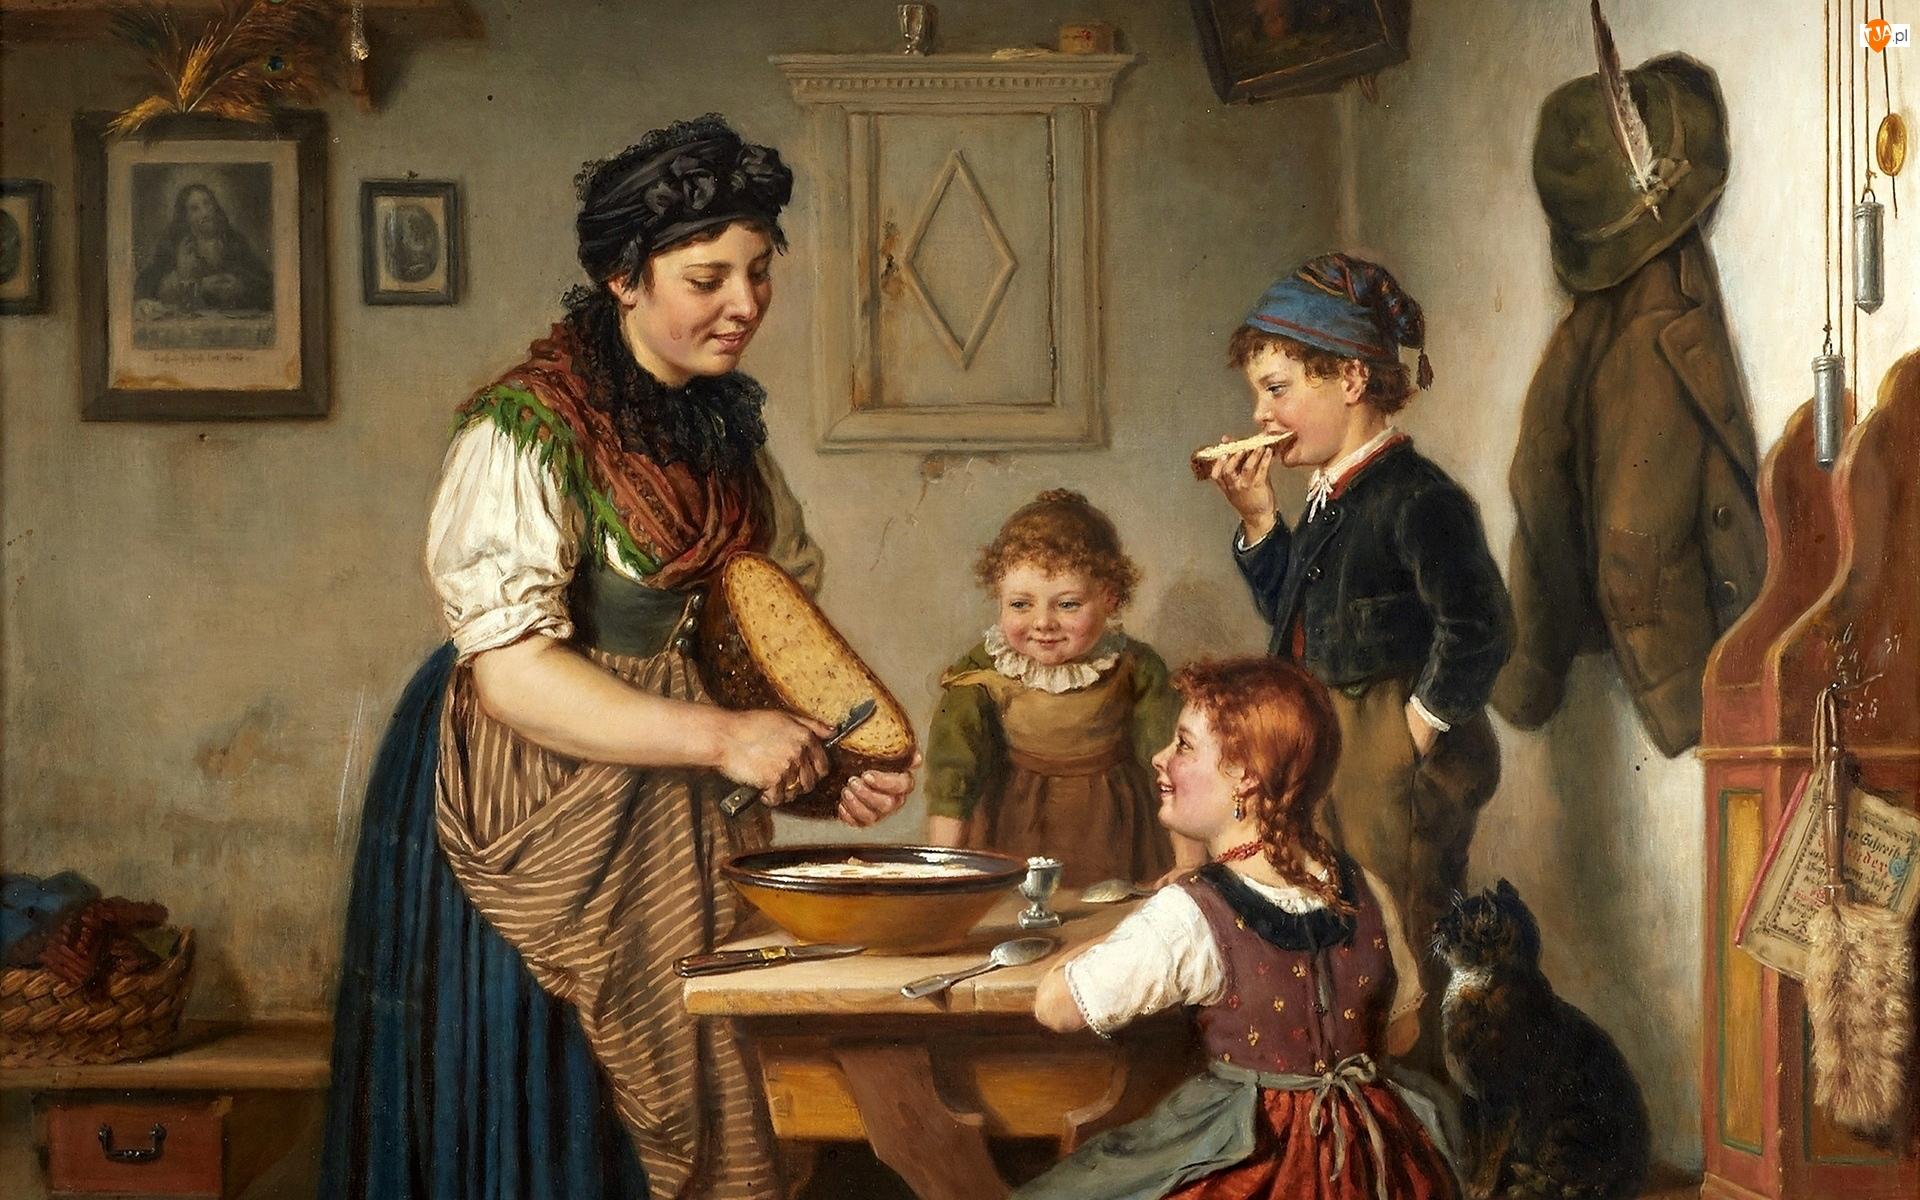 Dzieci, Kuchnia, Karl Hetz, Kobieta, Obraz, Malarstwo, Chleb